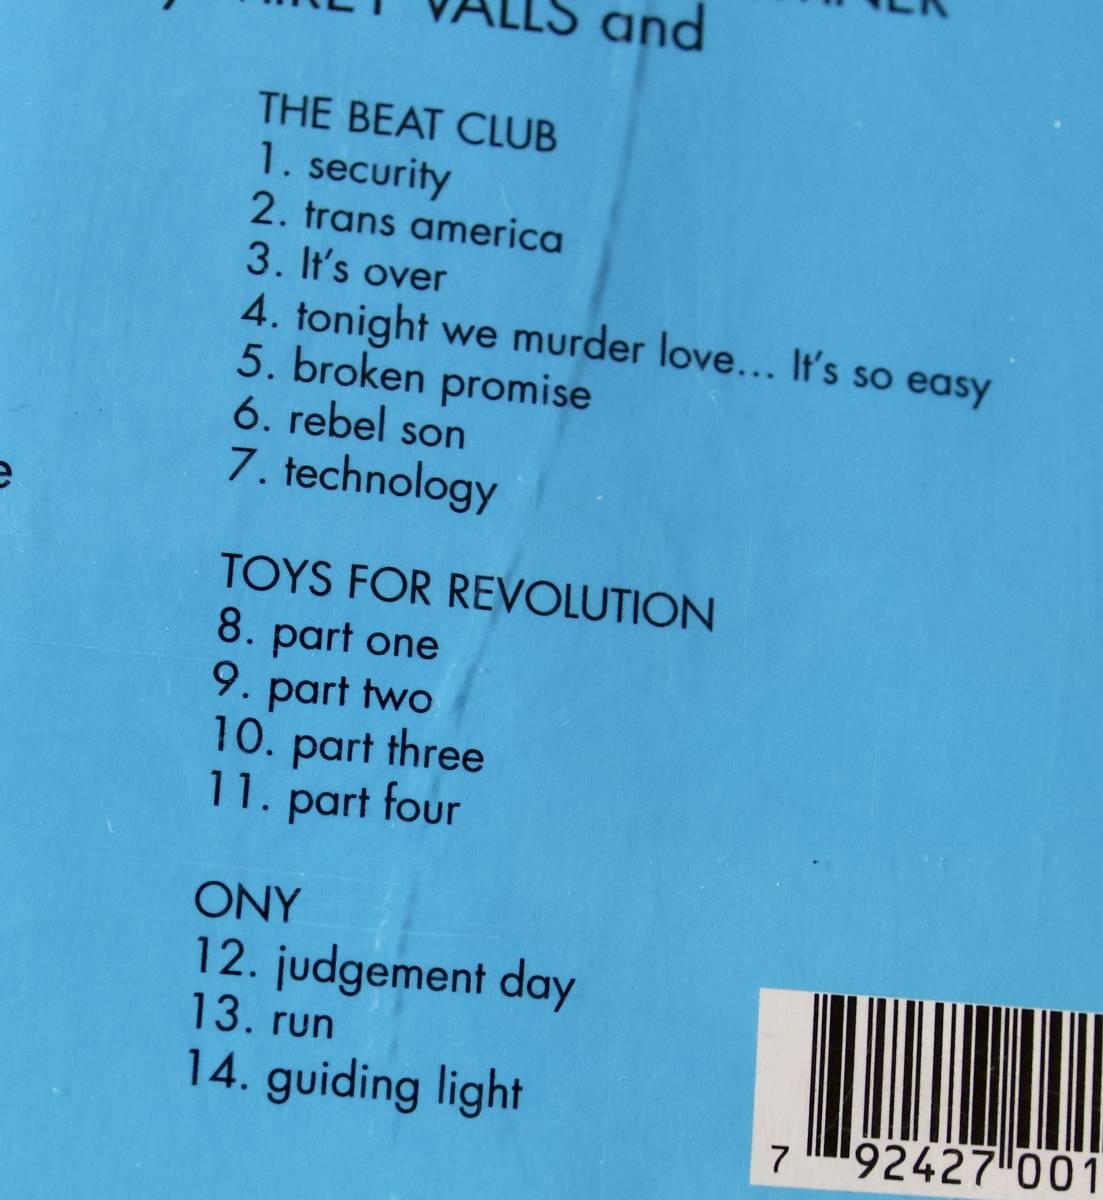 † ディスク美中古 1993年 † ELECTROBEAT ...INTRODUCTION / The Beat Club Toys For Revolution Ony / アルバム CD†格安即決/送料180円 _画像3